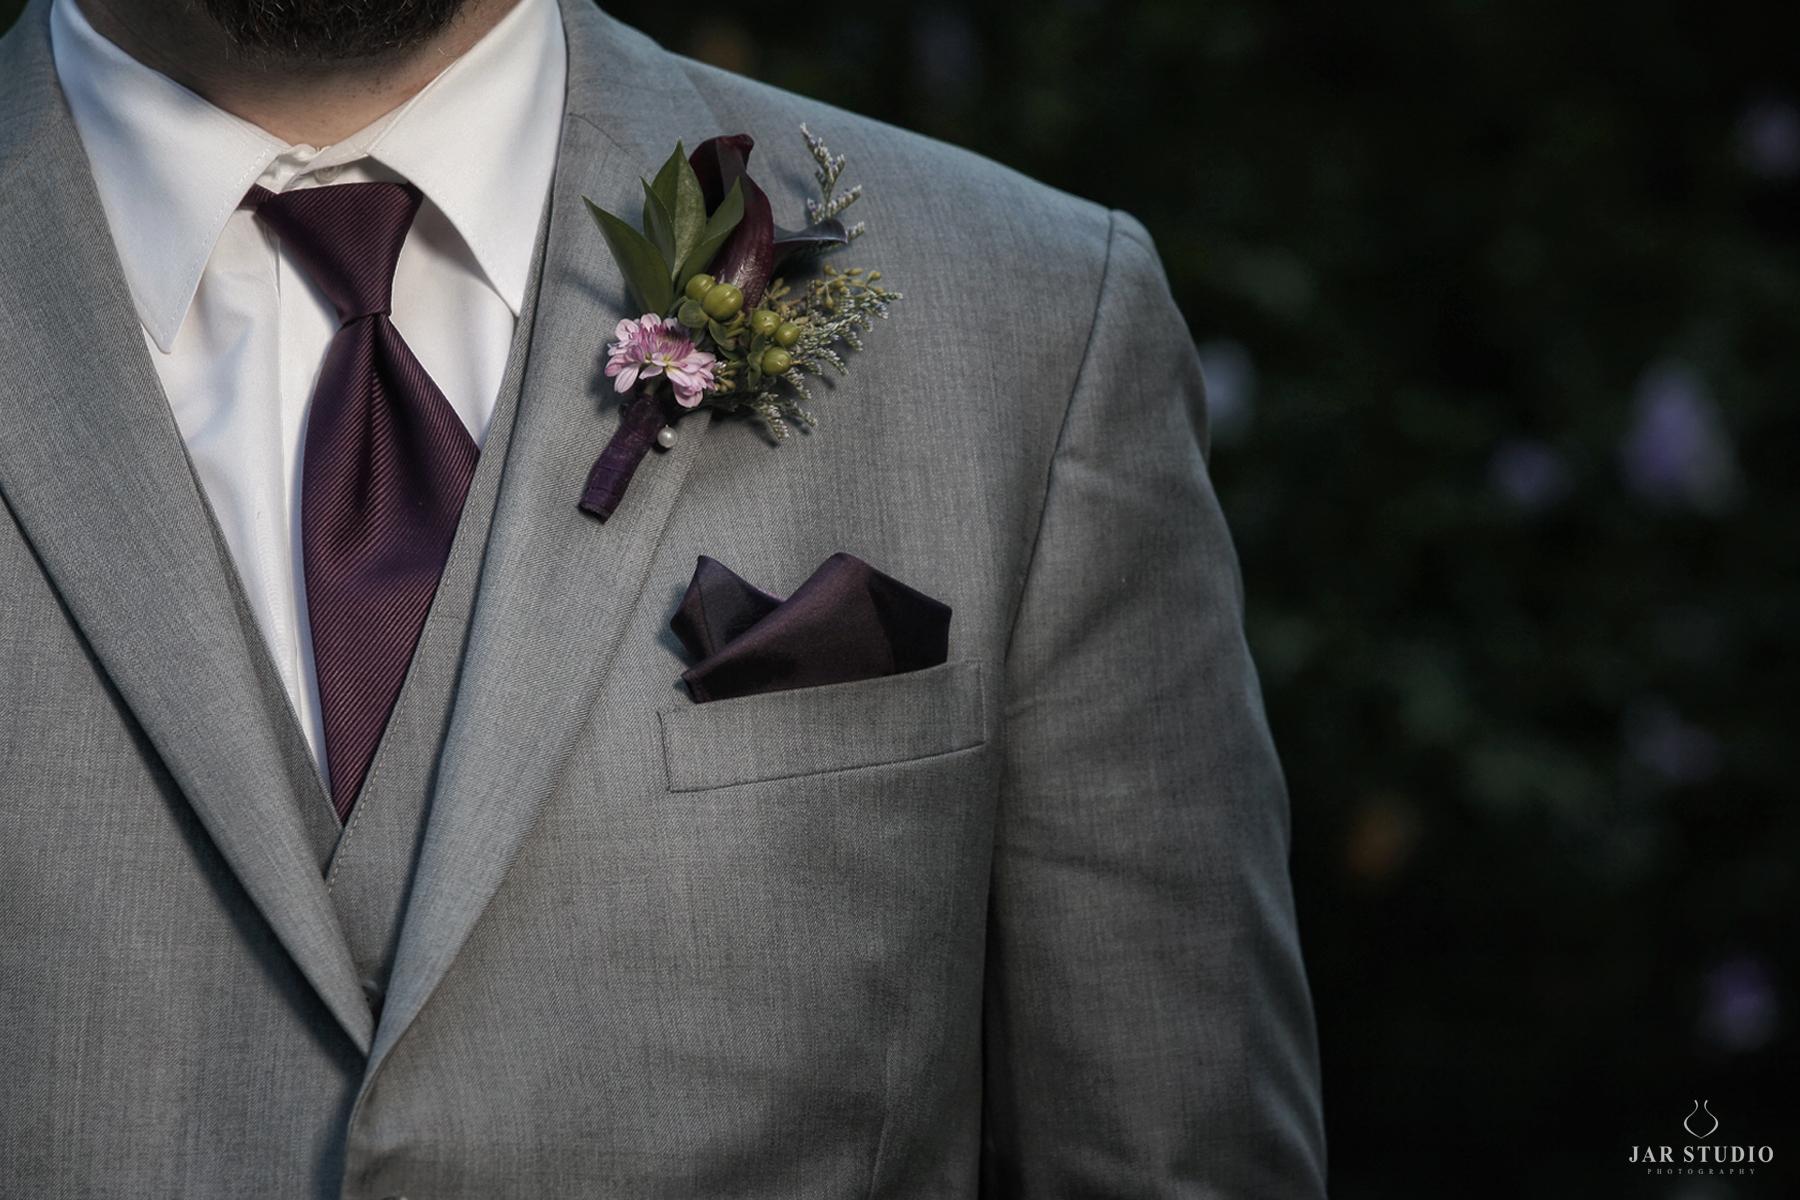 04-purple-calla-lily-boutonniere-gray-tux-orlando-jarstudio.JPG